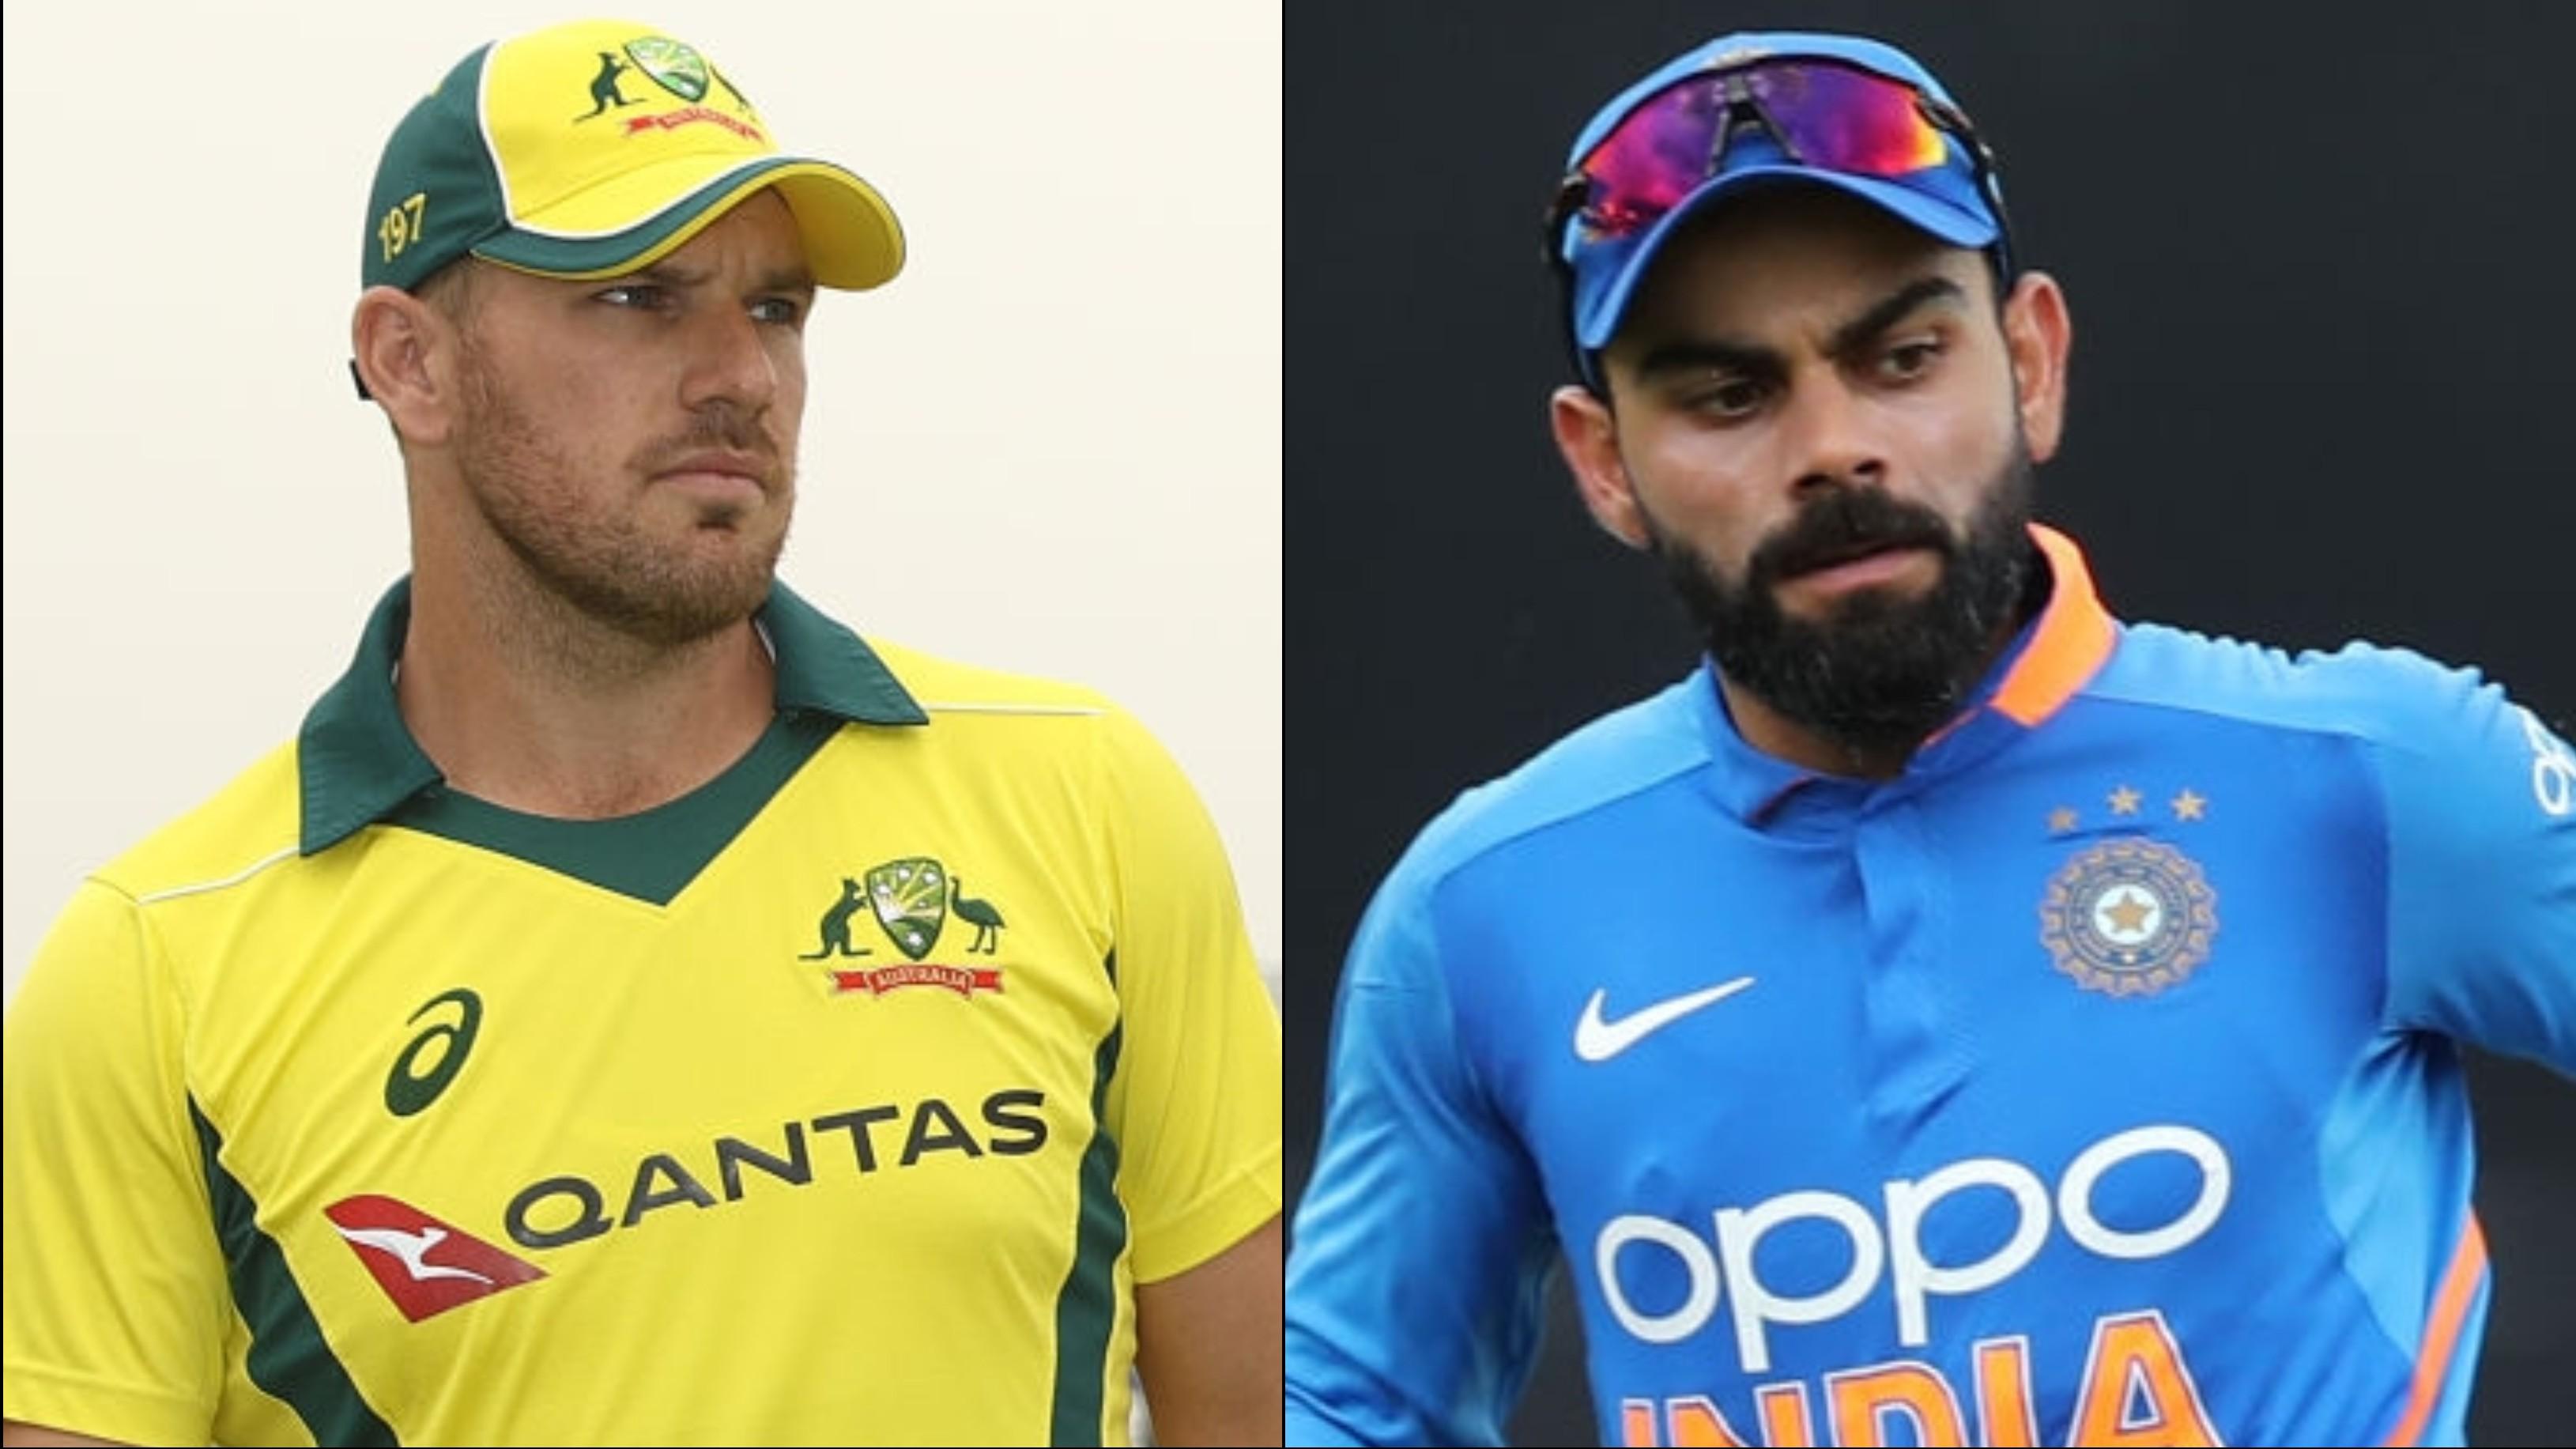 IND v AUS 2020 : रविवार को 1:30 से खेला जाएगा अंतिम और निर्णायक वनडे, यहाँ देखें संभावित टीम और मैच प्रीव्यू